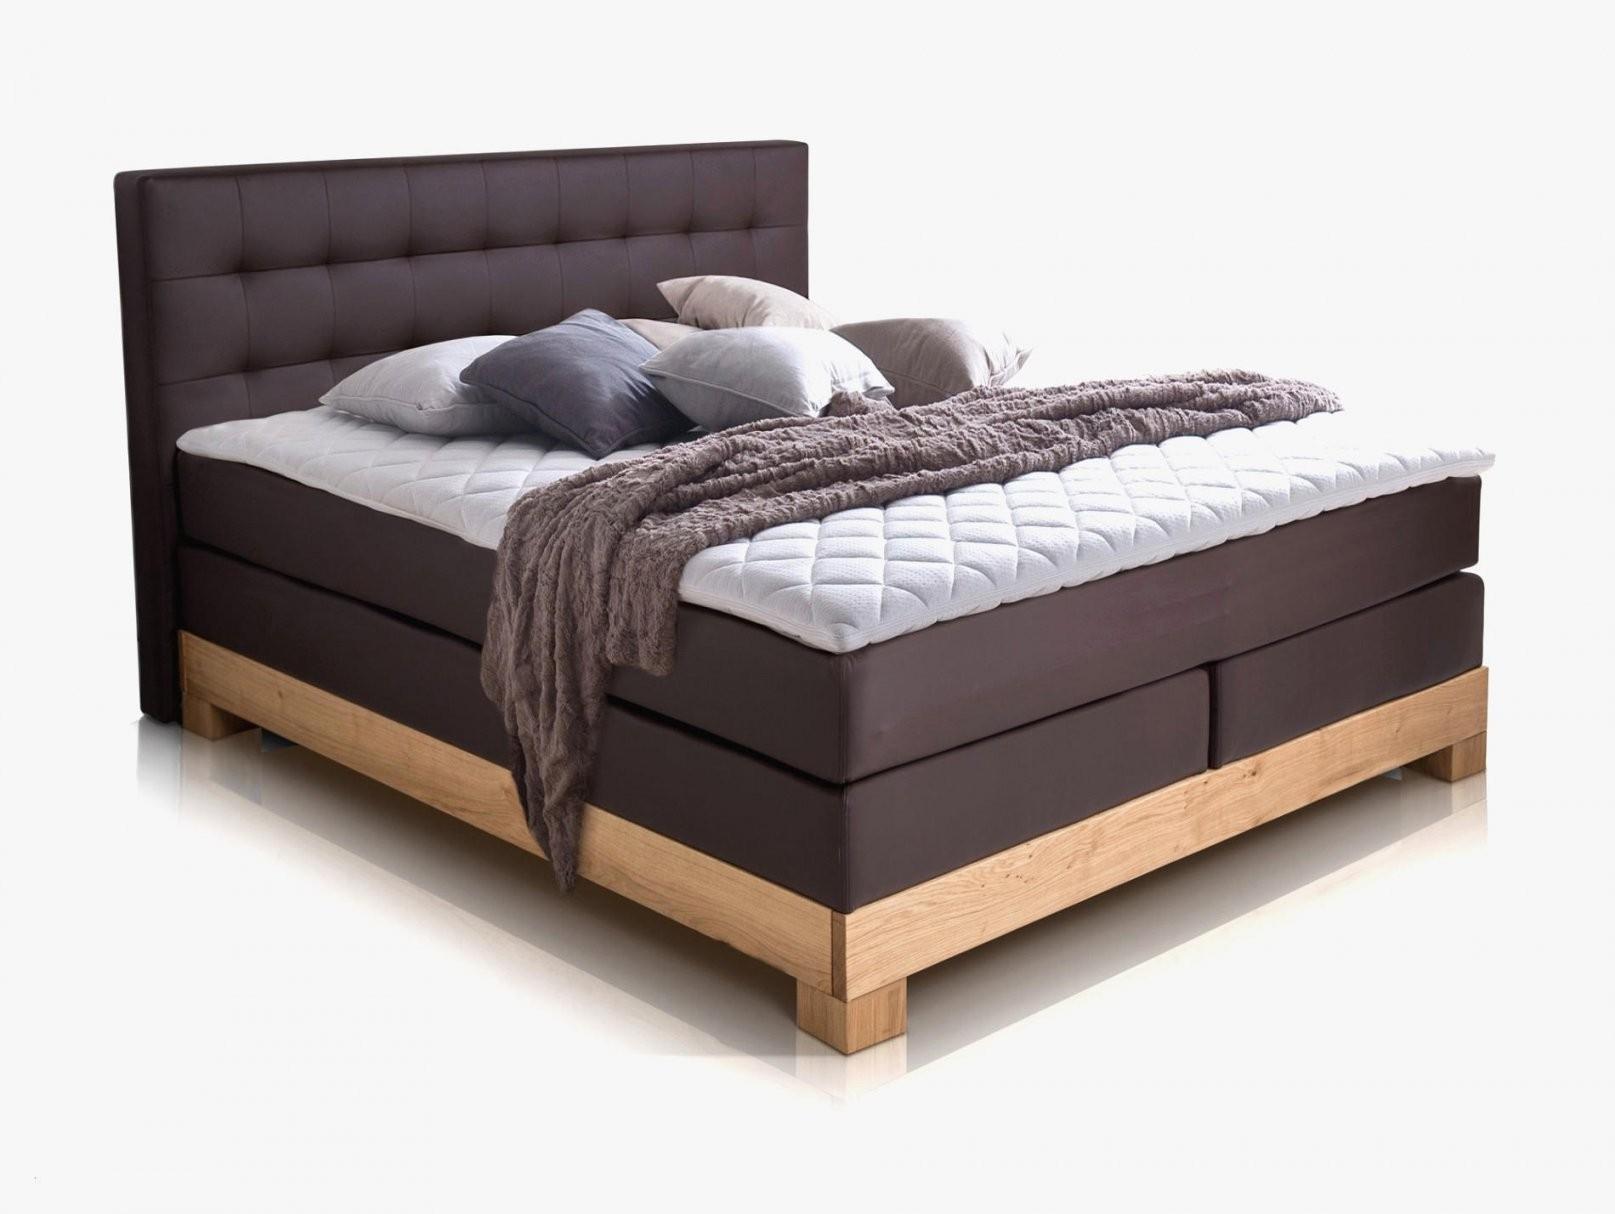 Matratze Einfach Bett Matratzen Test Boxspringbett Matratze Luxus von Bett Matratzen Test Bild